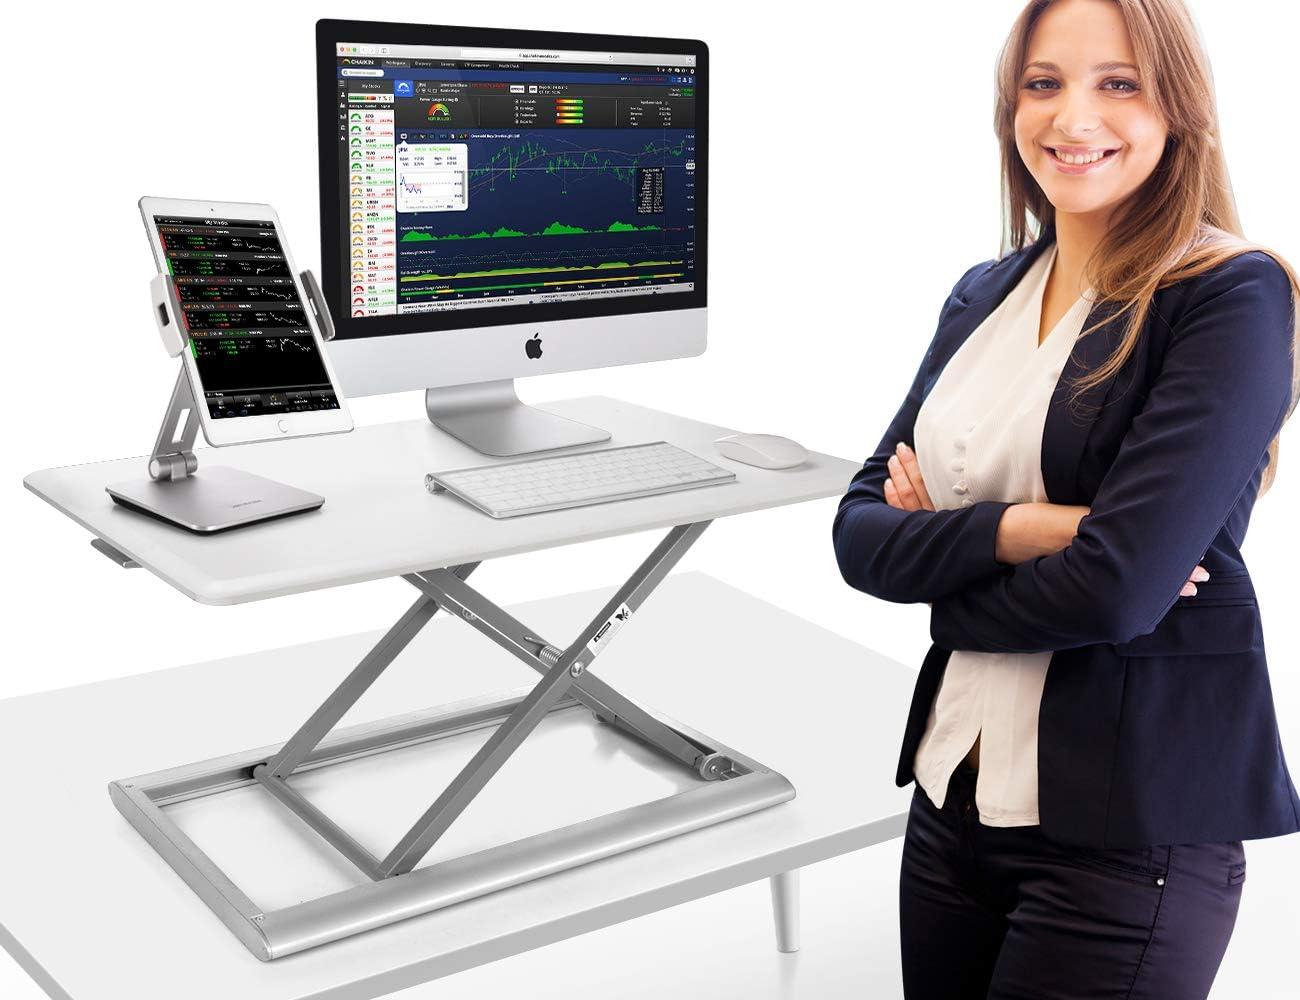 AboveTEK Compact Solid Aluminum Computer Riser White Adjustable Standing Desk Converter 30 Desktop Platform w//Smooth Air Assist at Home Office